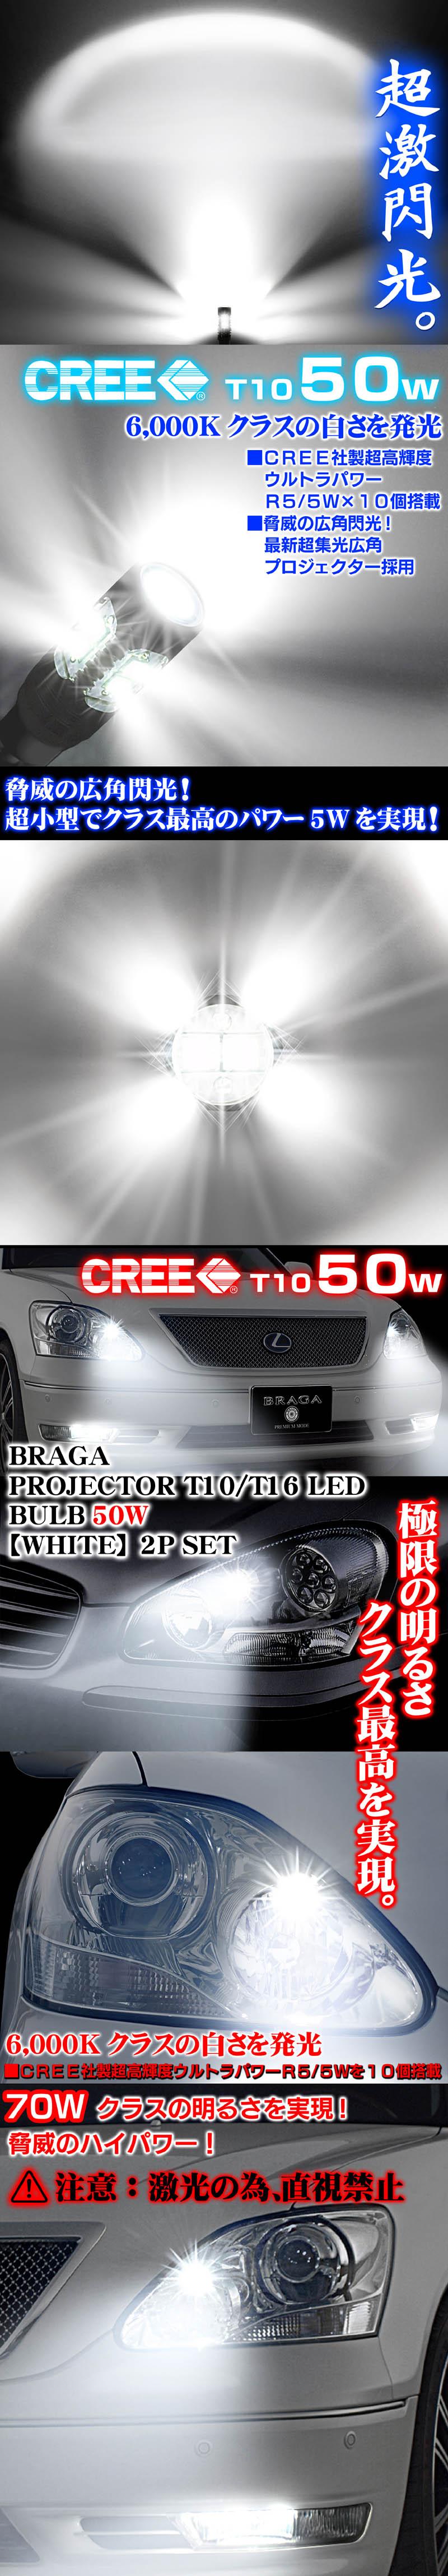 T10/T16 50W CREE製LEDプロジェクターバルブ【ホワイト/白】70Wクラスの光を実現《2個》1年保証/ブラガ